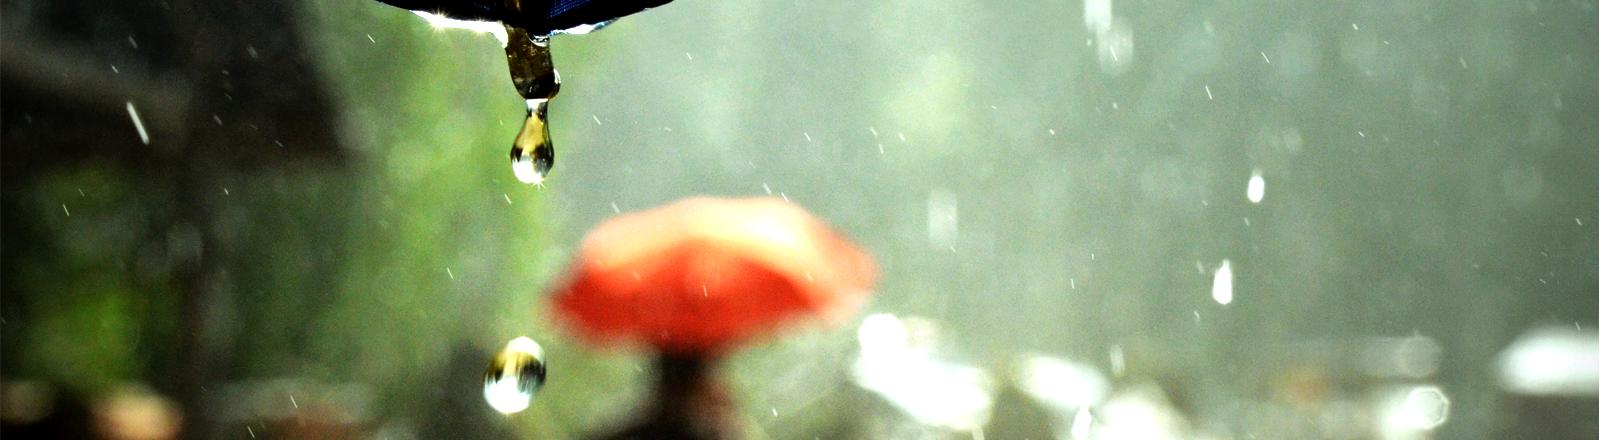 Von einem Regenschirm tropfen dicke Regentropfen